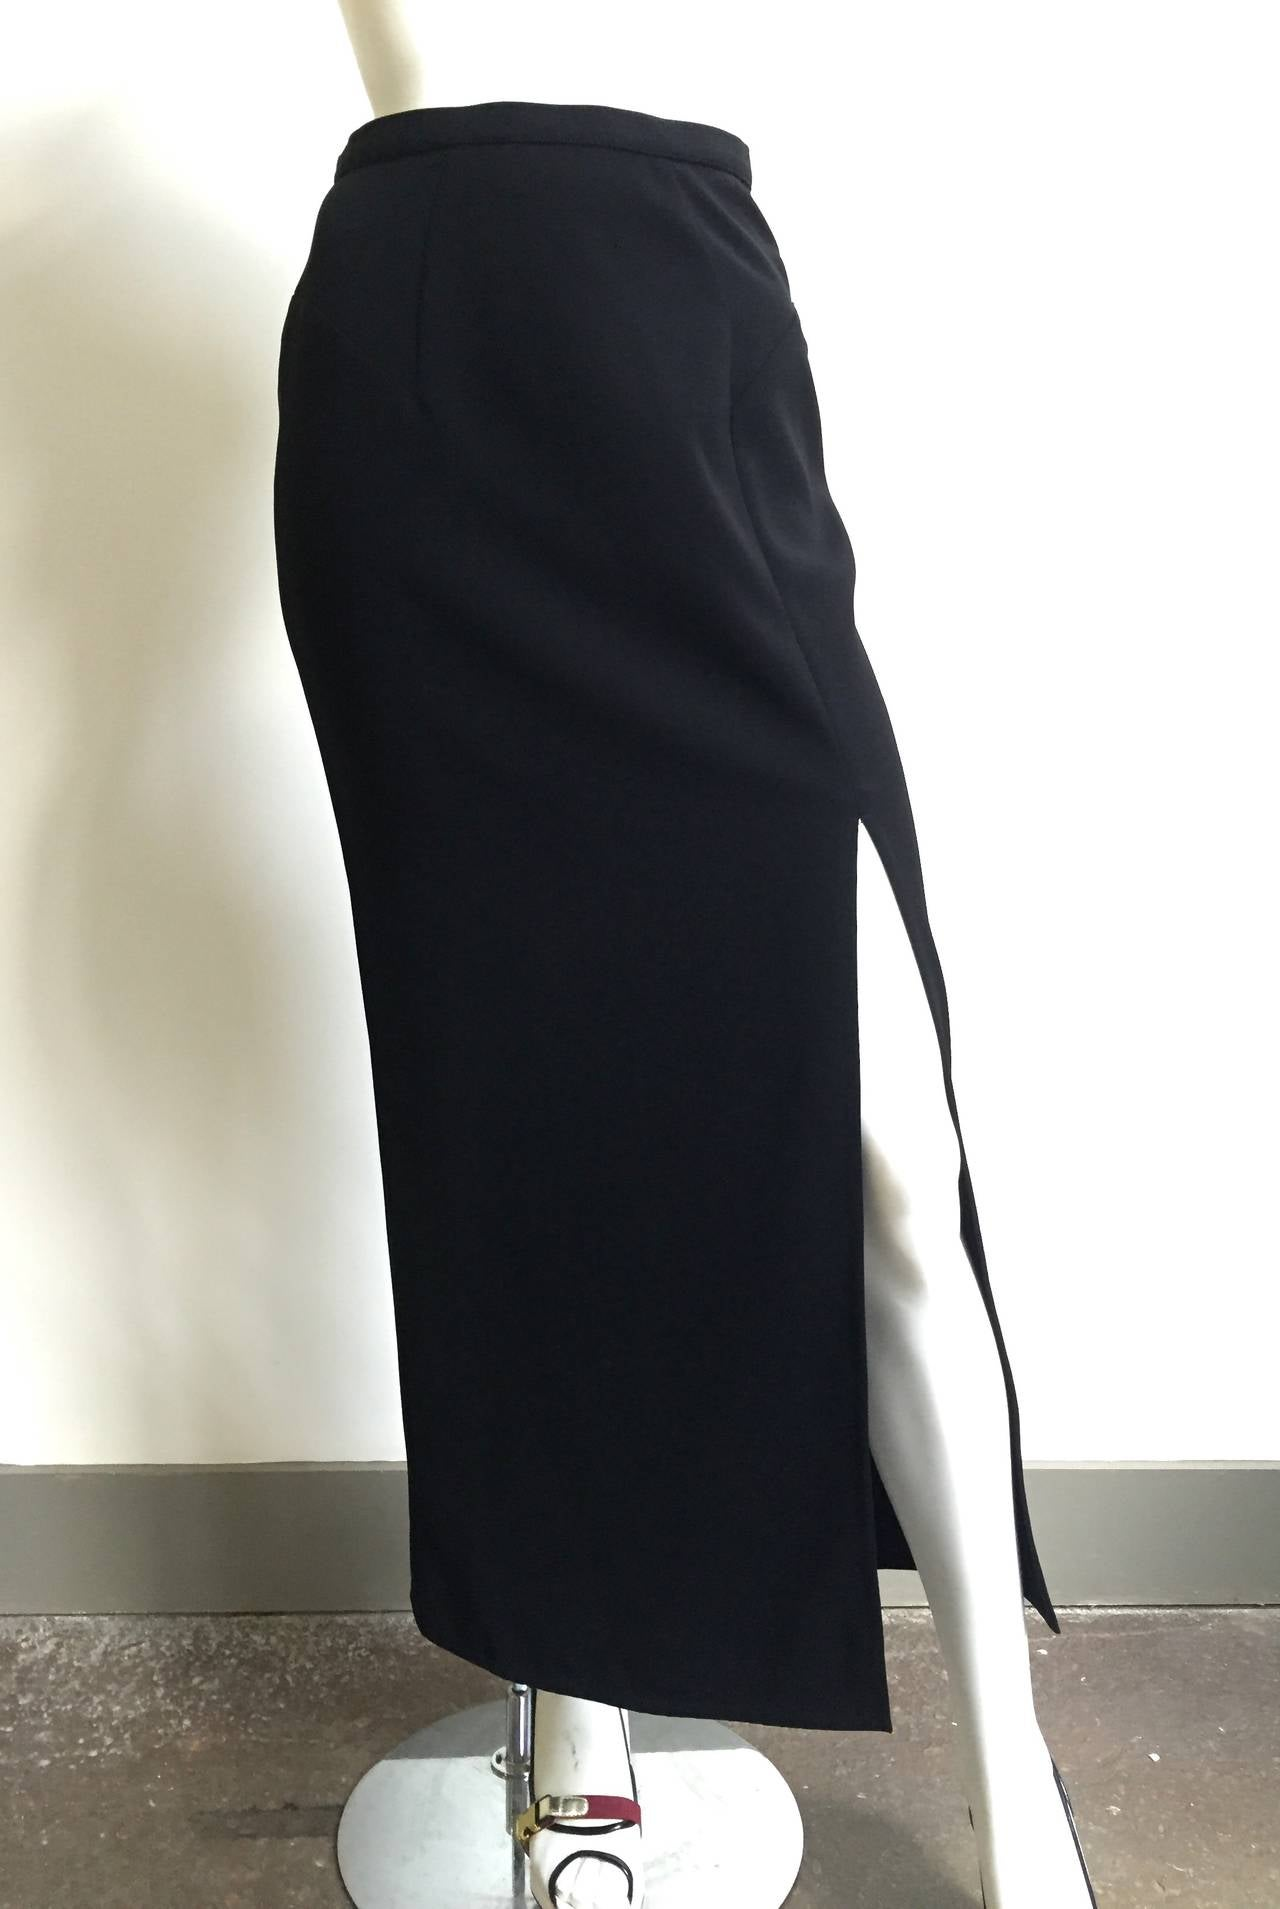 Mugler 90s Black Evening Skirt Size 4. 8